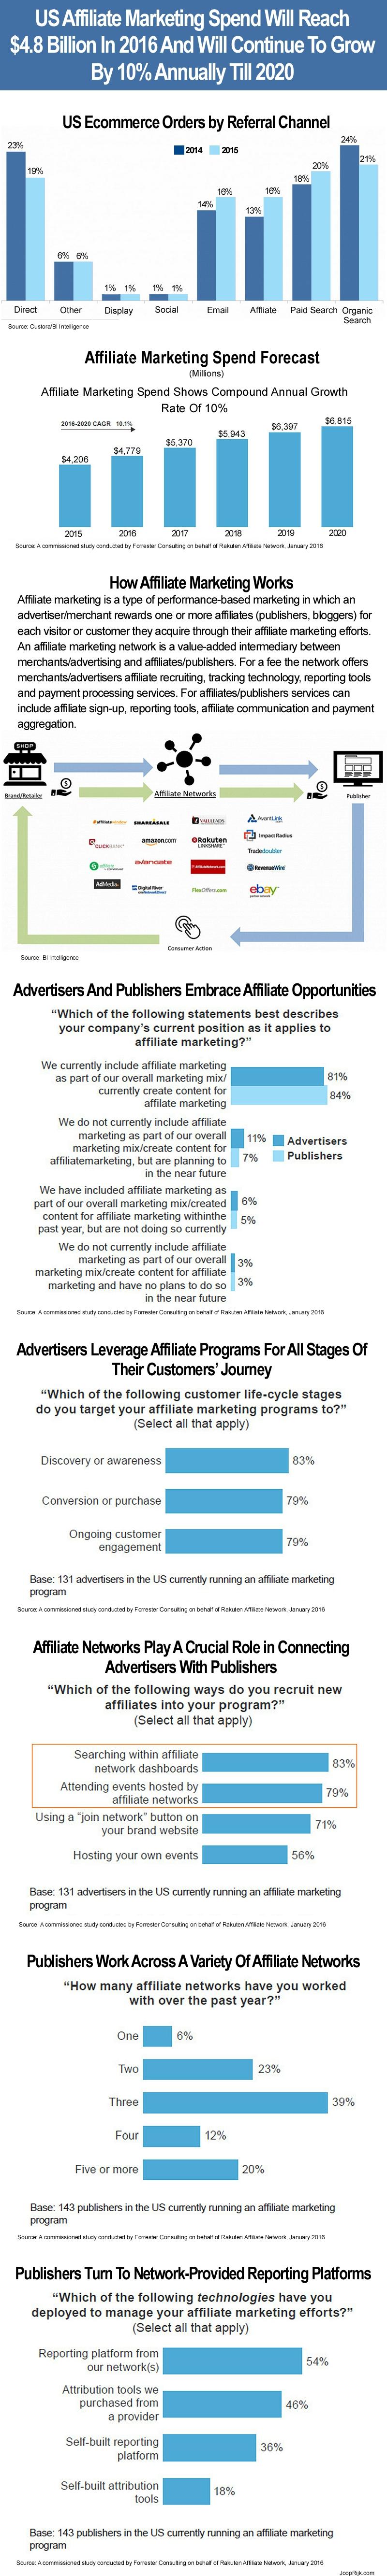 Raport wydatków na marketing afiliacyjny w USA